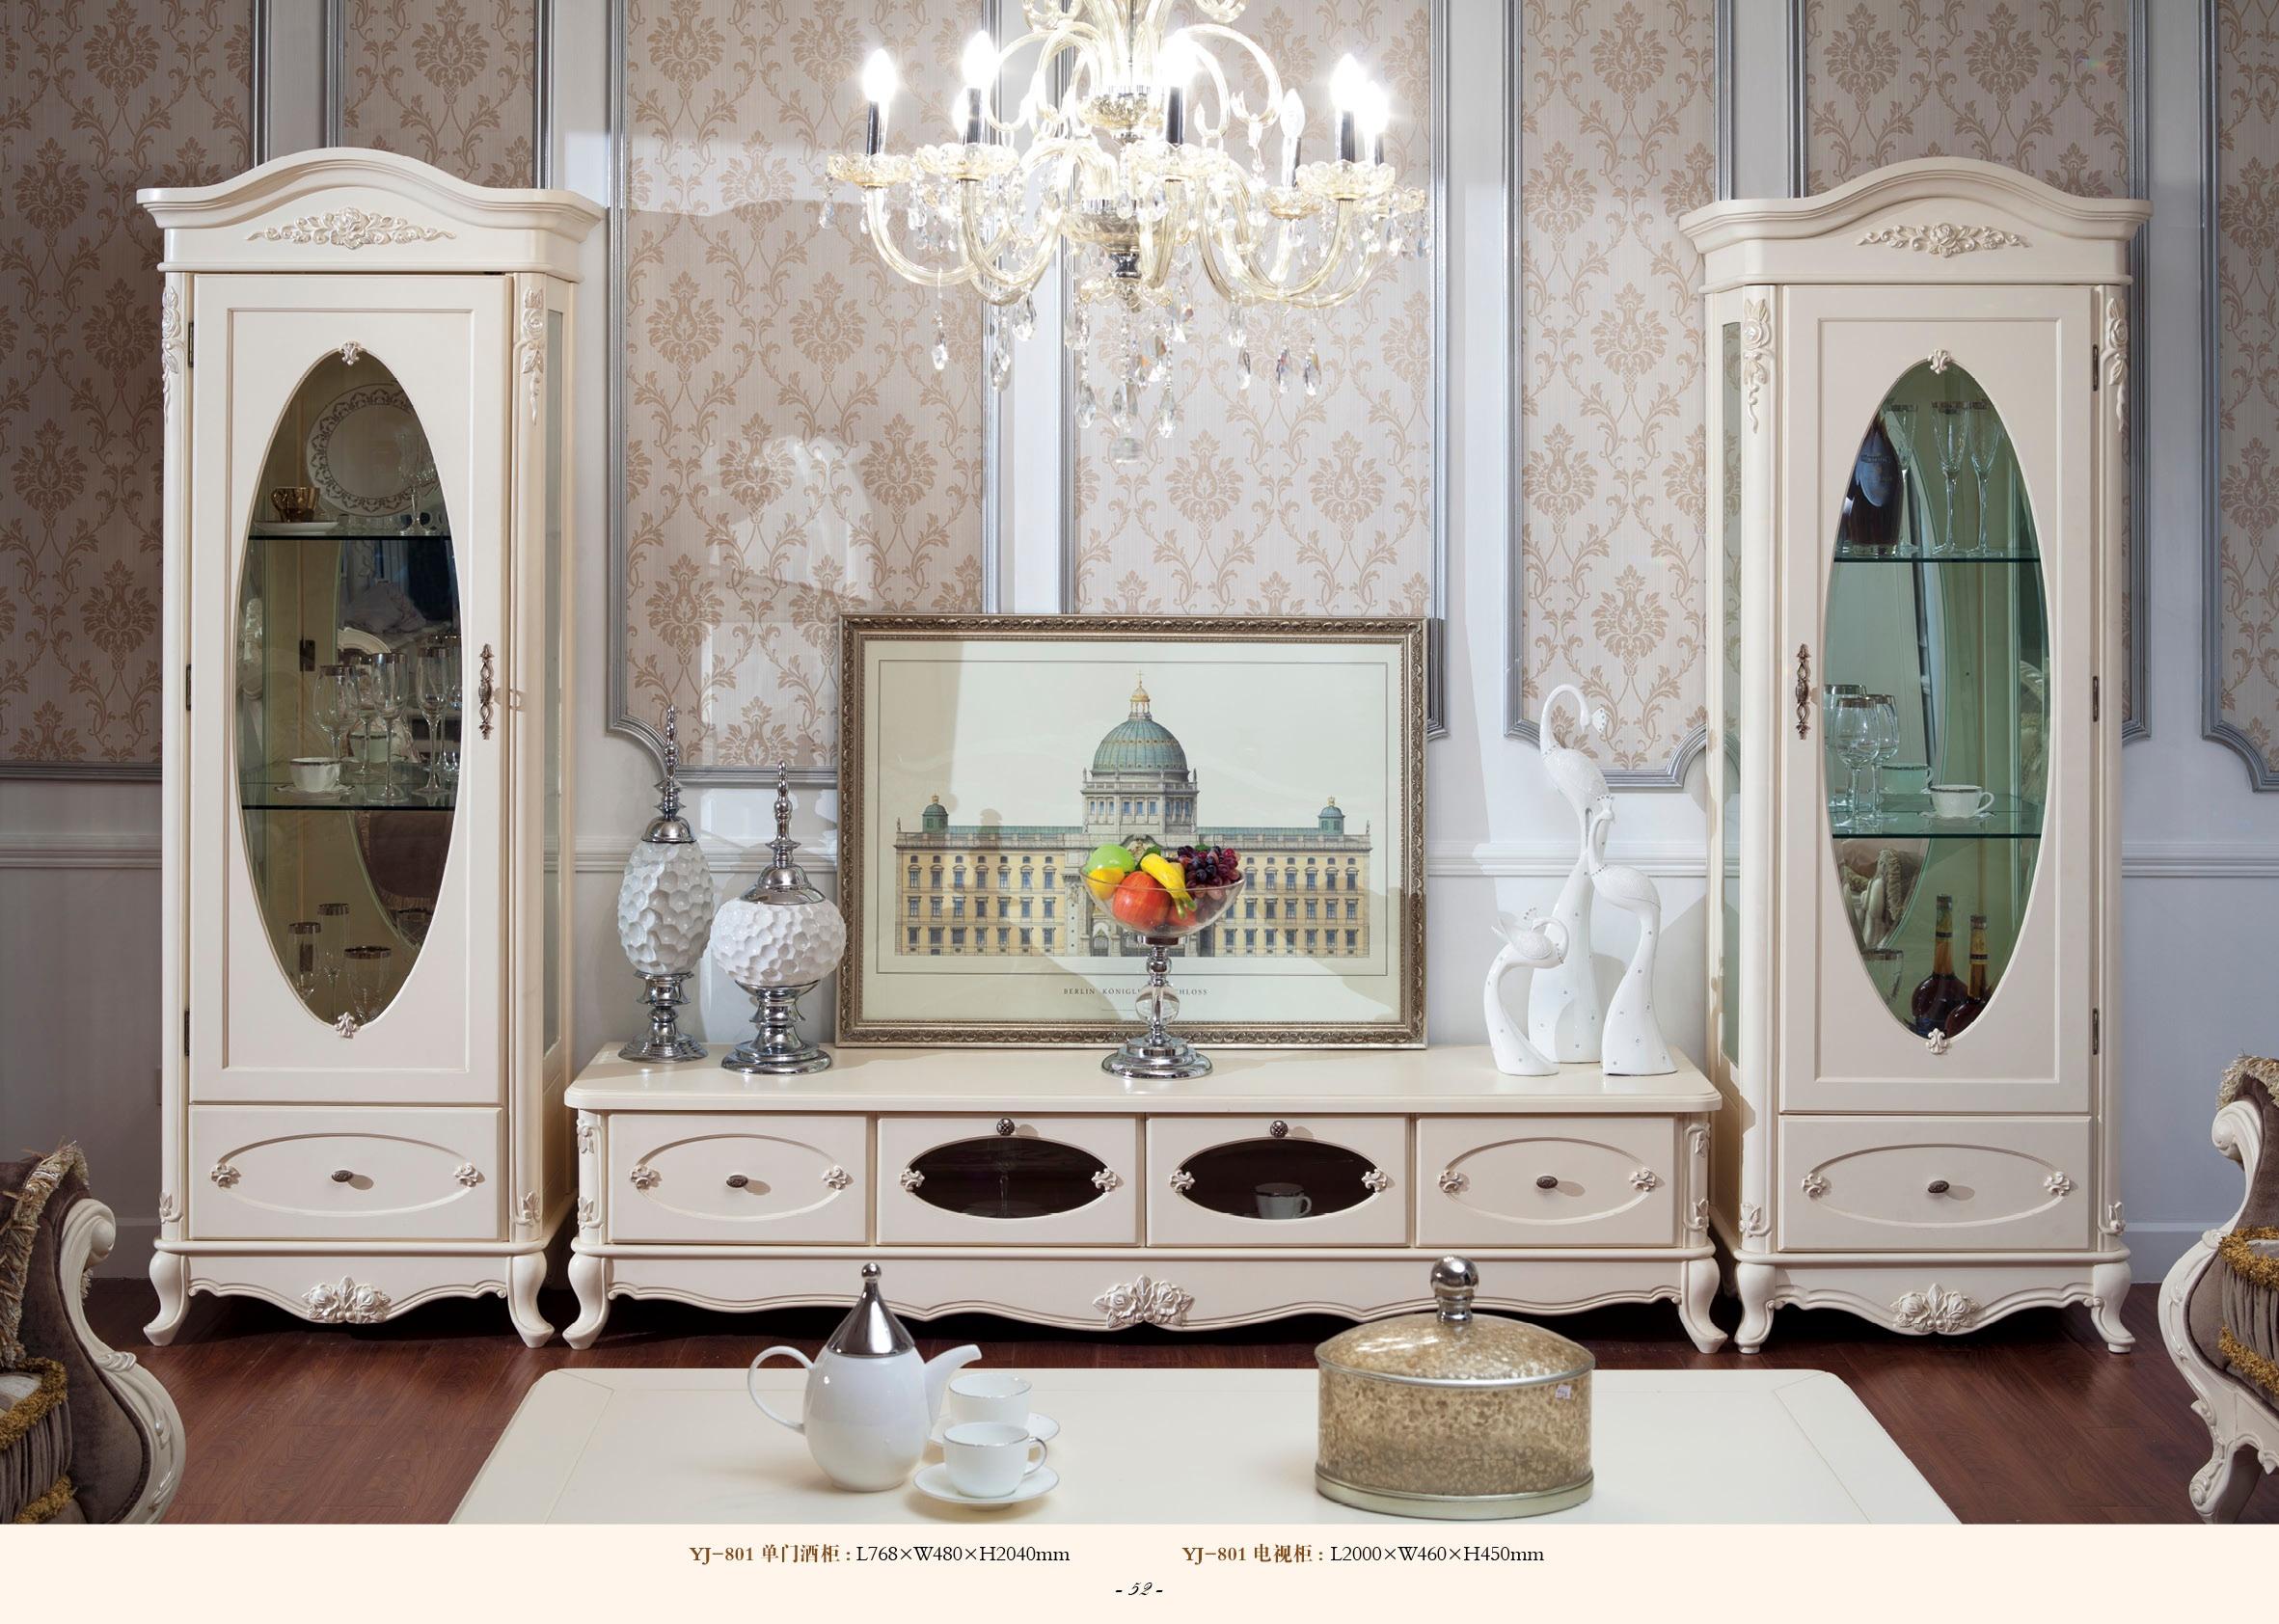 甘肃兰州欧式家具—佳成窗帘布艺